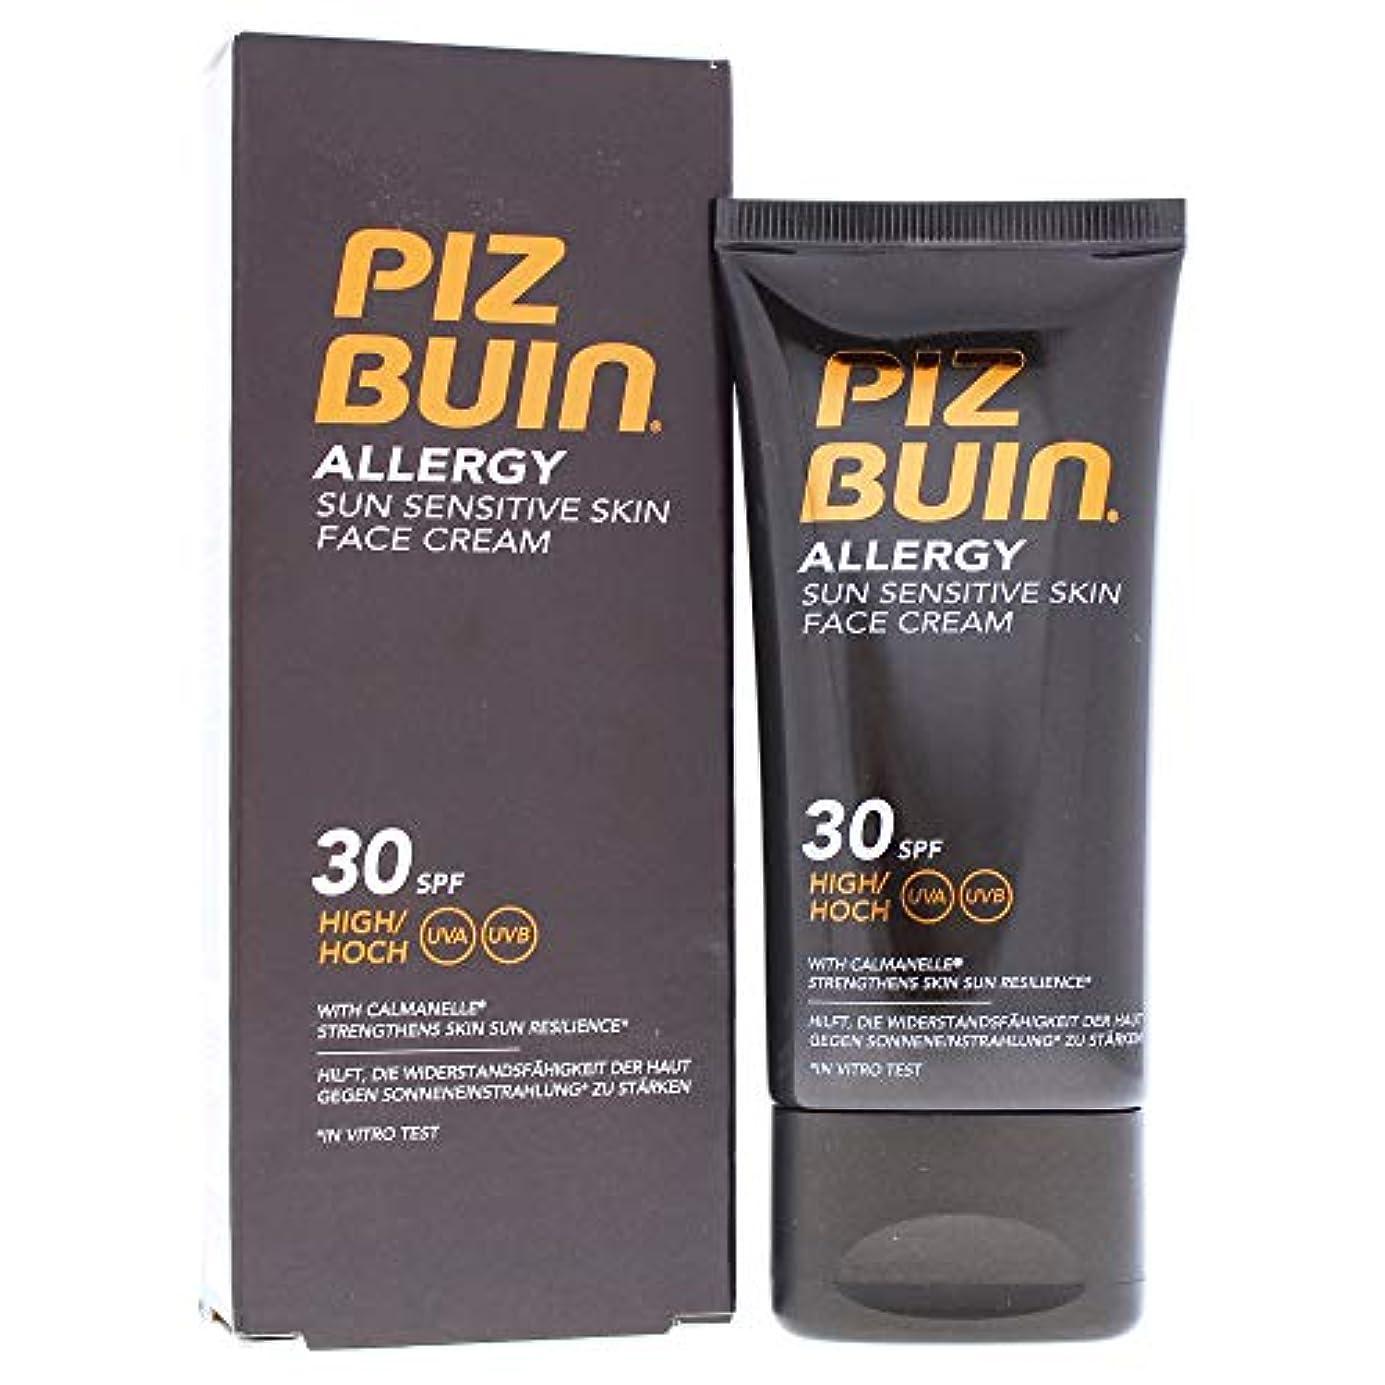 専門化するグリース思い出させるPiz Buin Allergy Face Cream Spf30 50ml